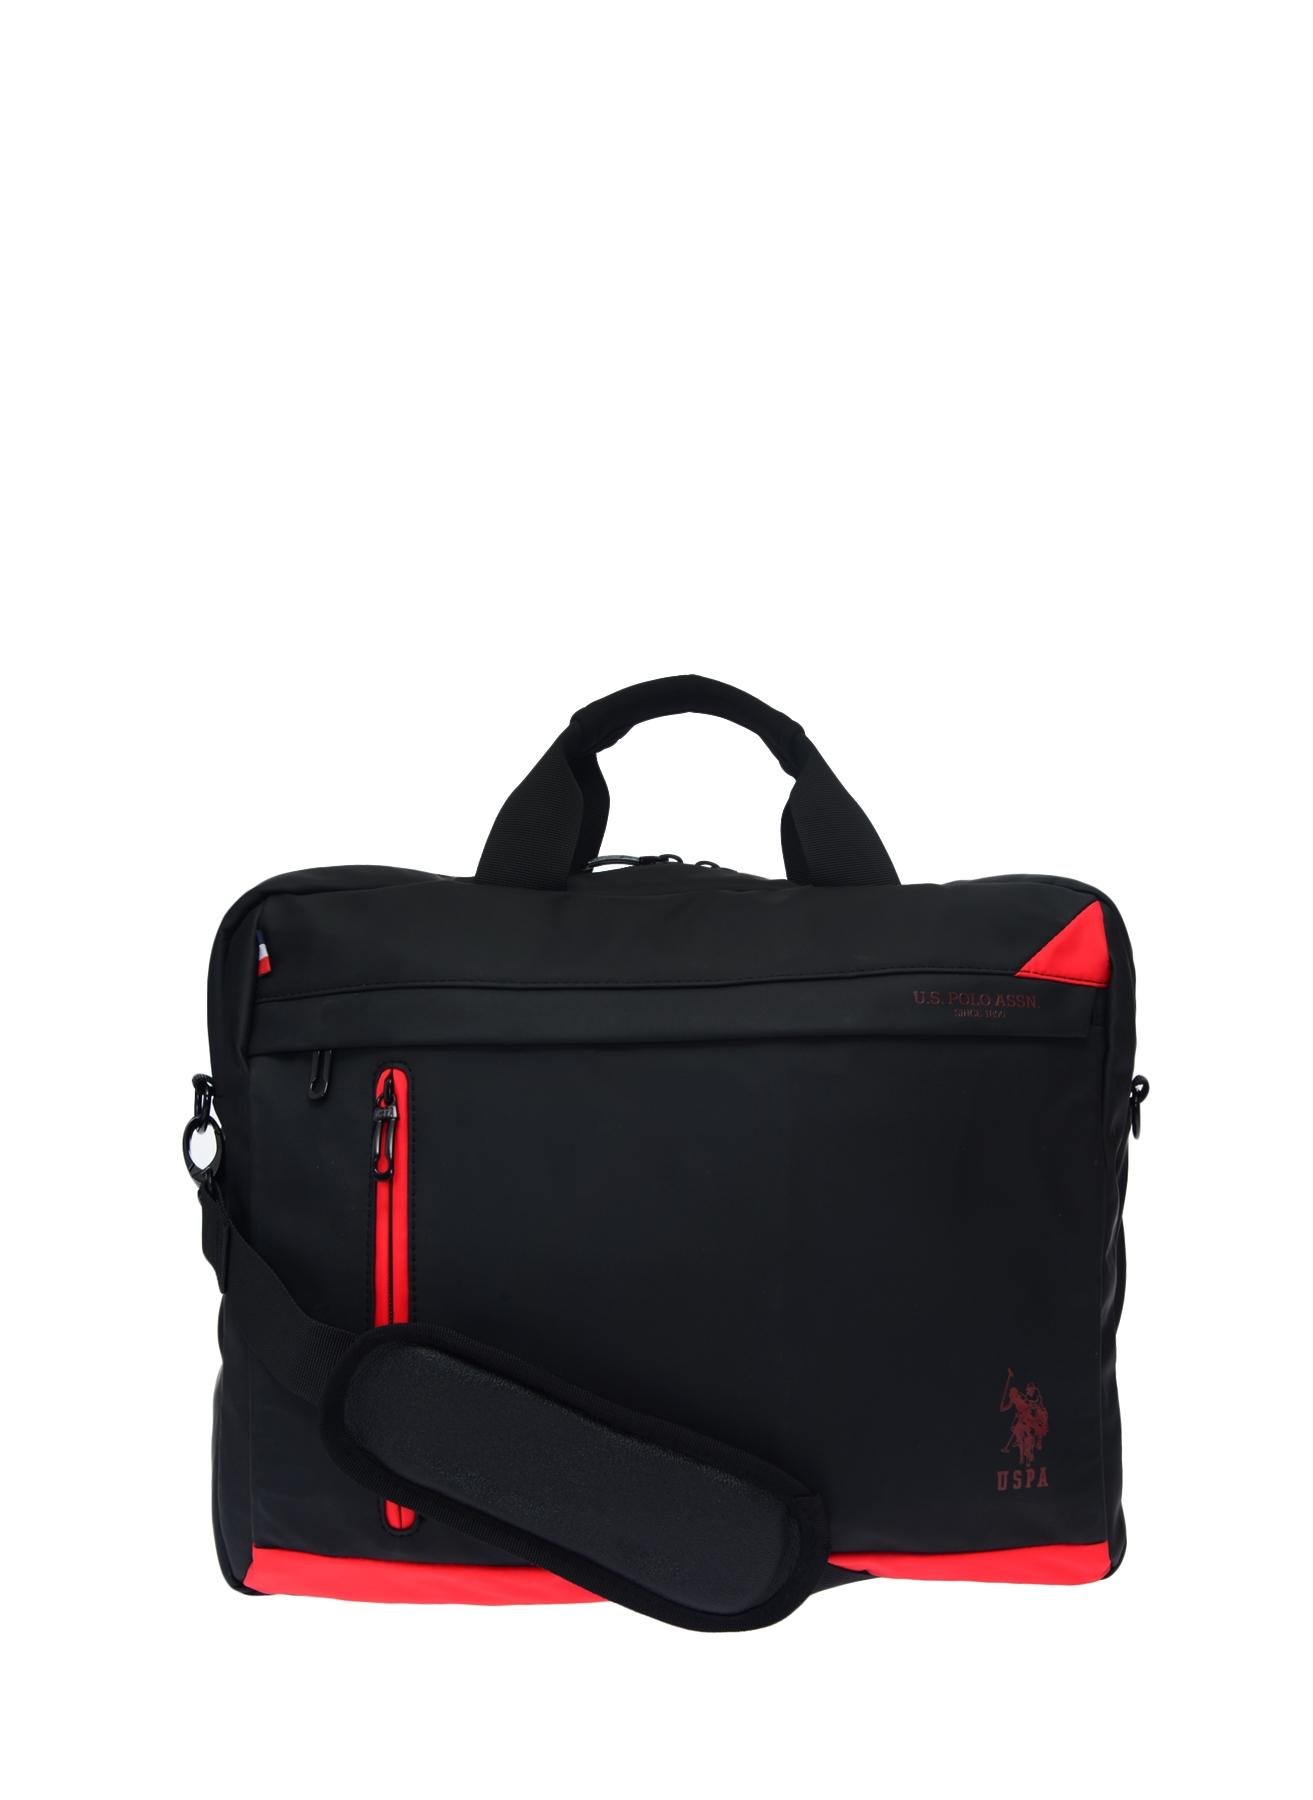 U.S. Polo Assn. Siyah Laptop-Evrak Laptop Çantası 5000142260001 Ürün Resmi